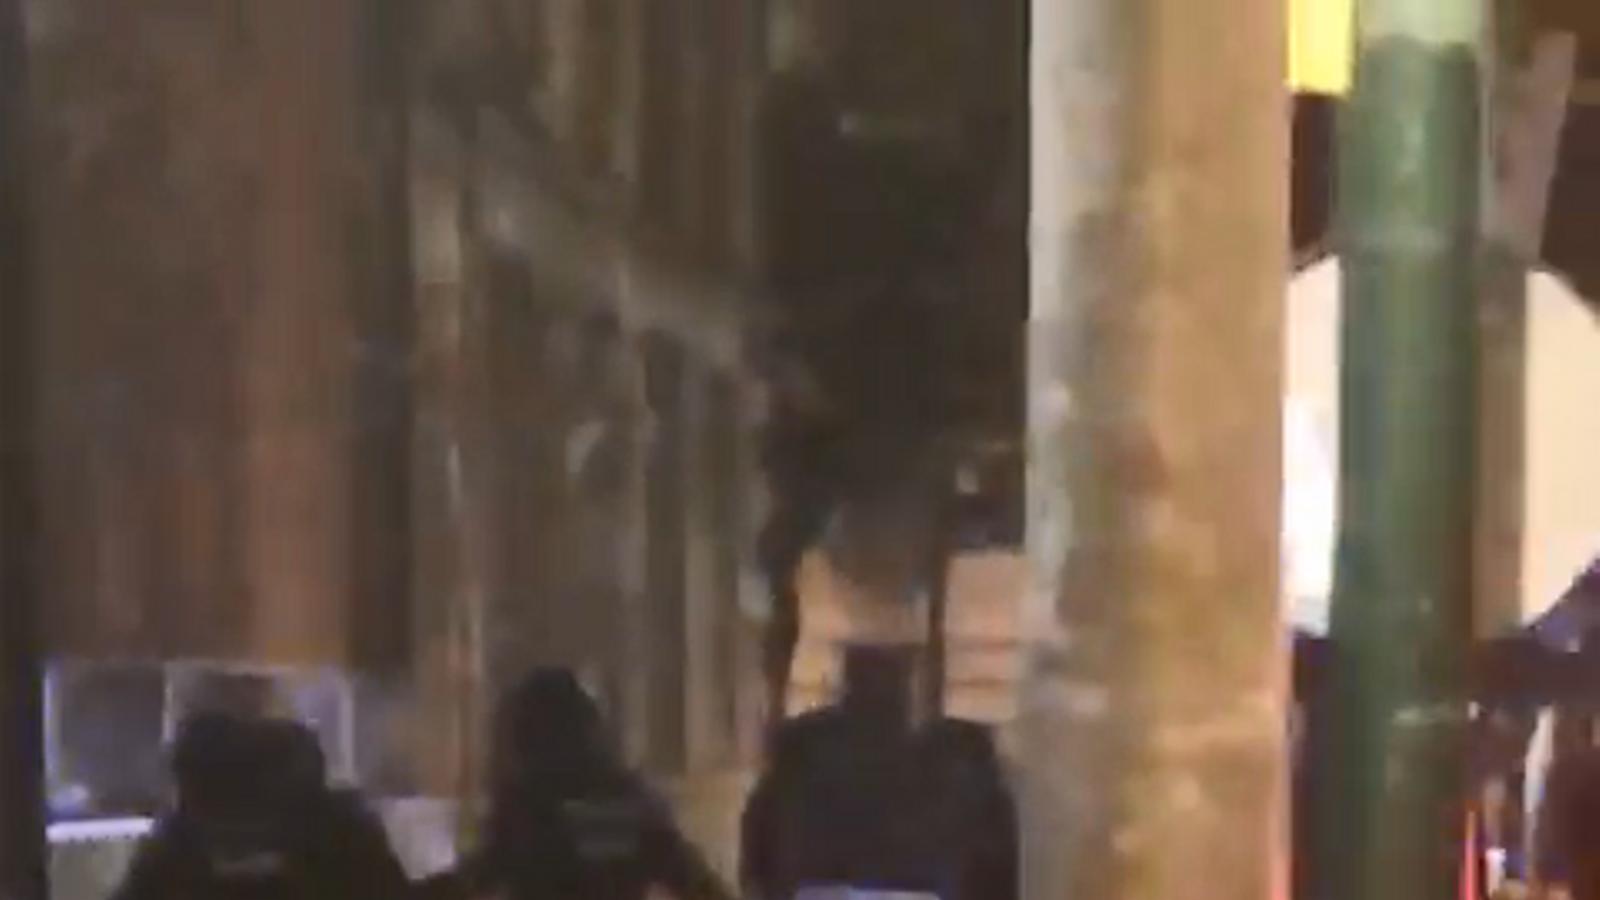 La policia carrega contra un home a Girona / ARA